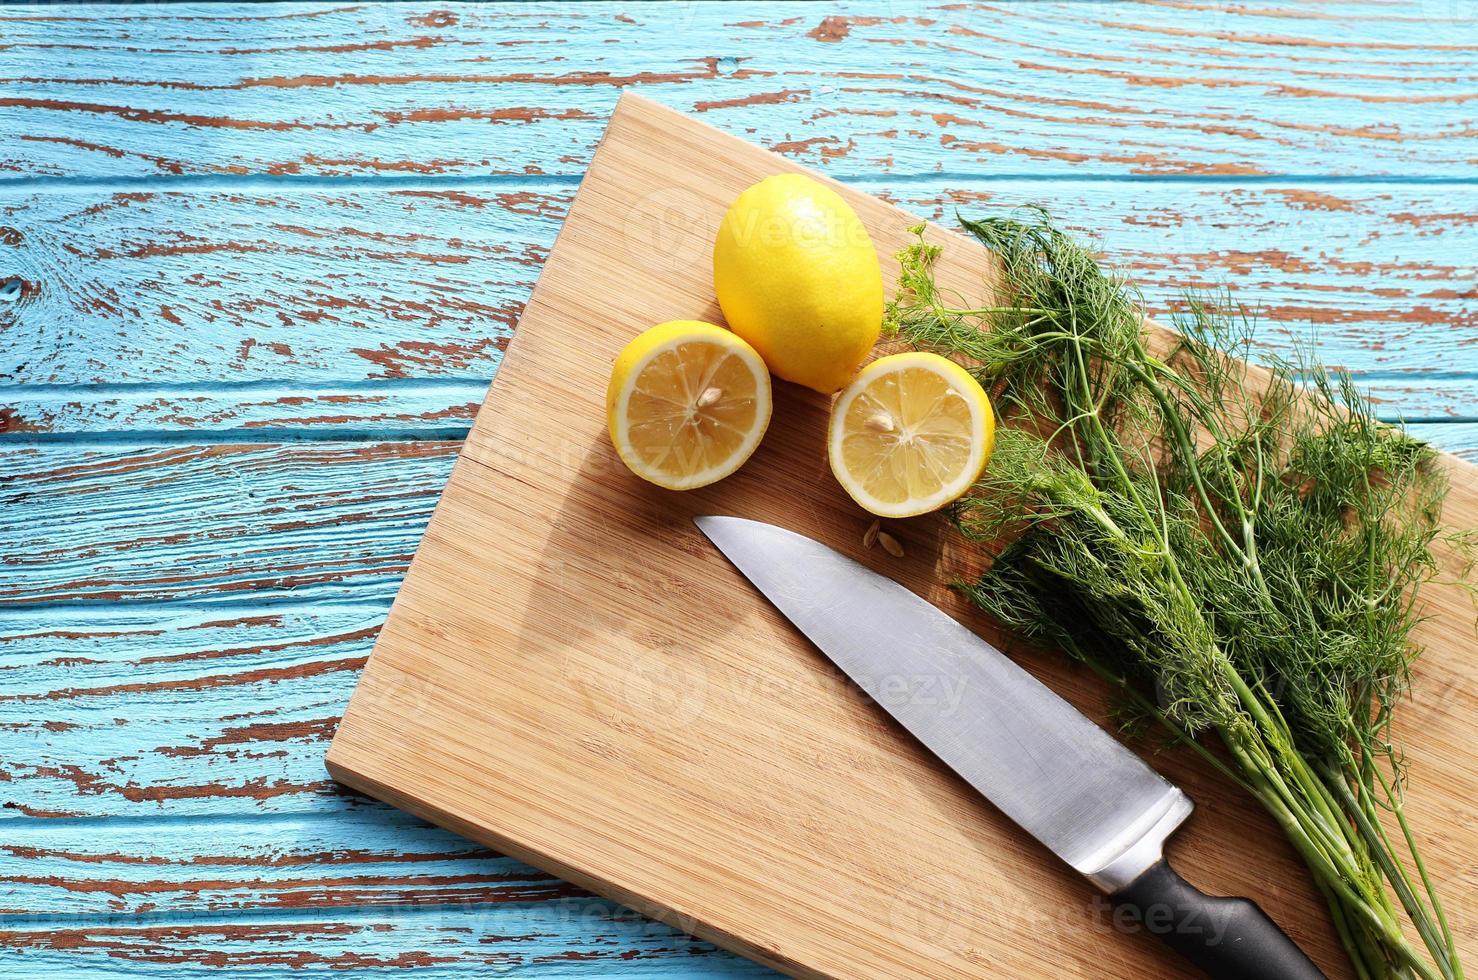 bereiden van voedsel voor saus salade door ingrediënt citroen en koriander foto